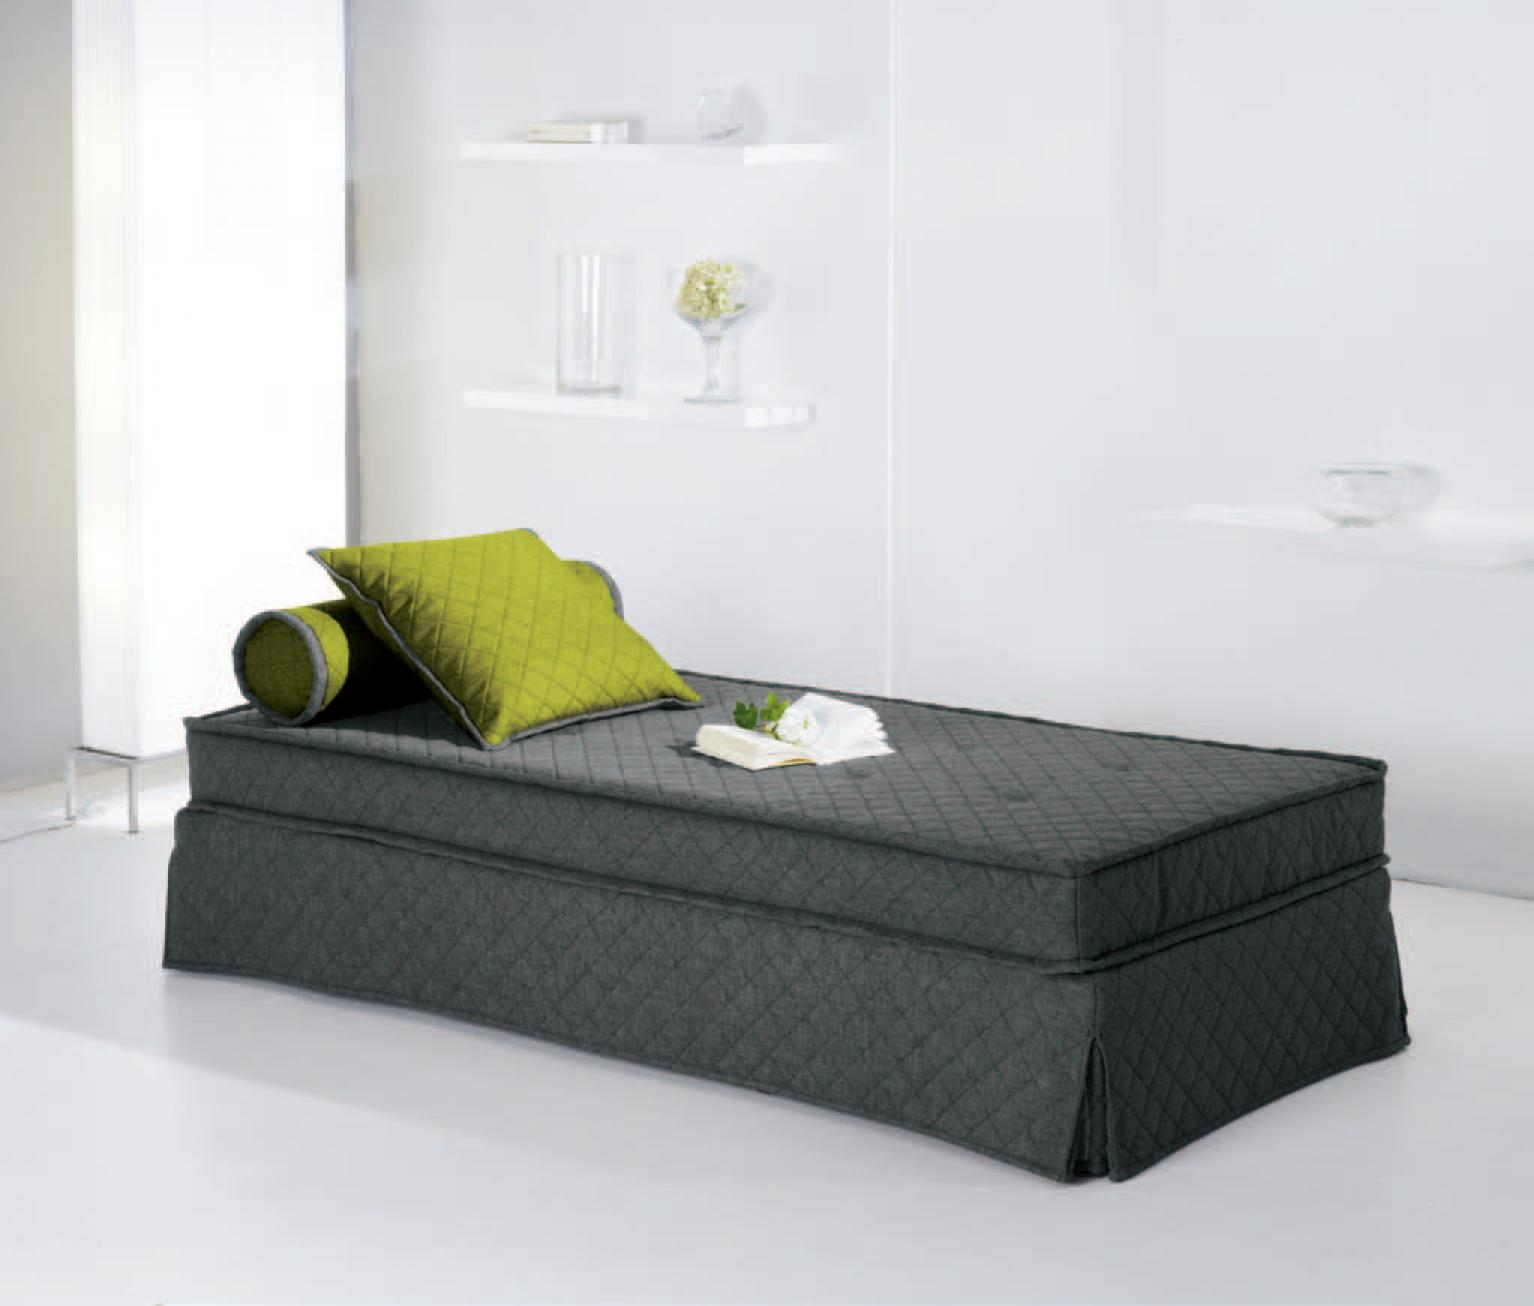 lit gigogne design vc54 montrealeast. Black Bedroom Furniture Sets. Home Design Ideas